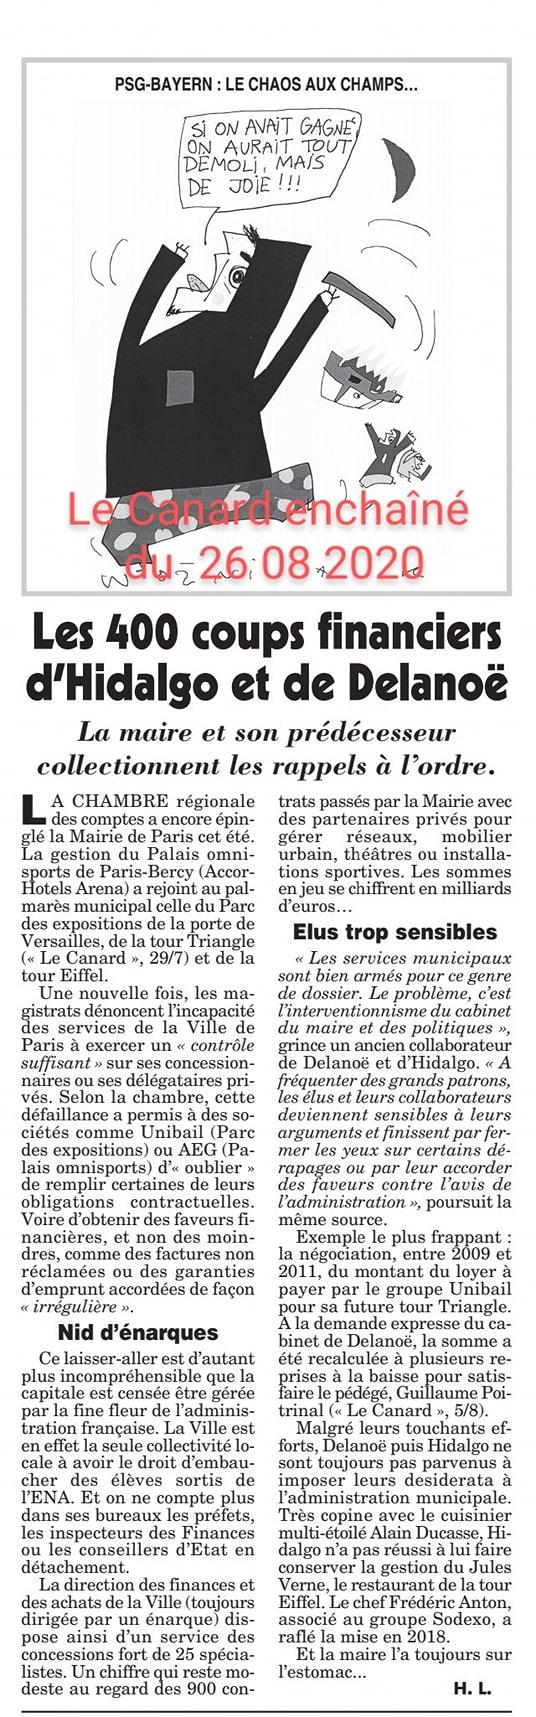 Les 400 coups financiers d'Hidalgo et de Delanoë - Unibail - URW